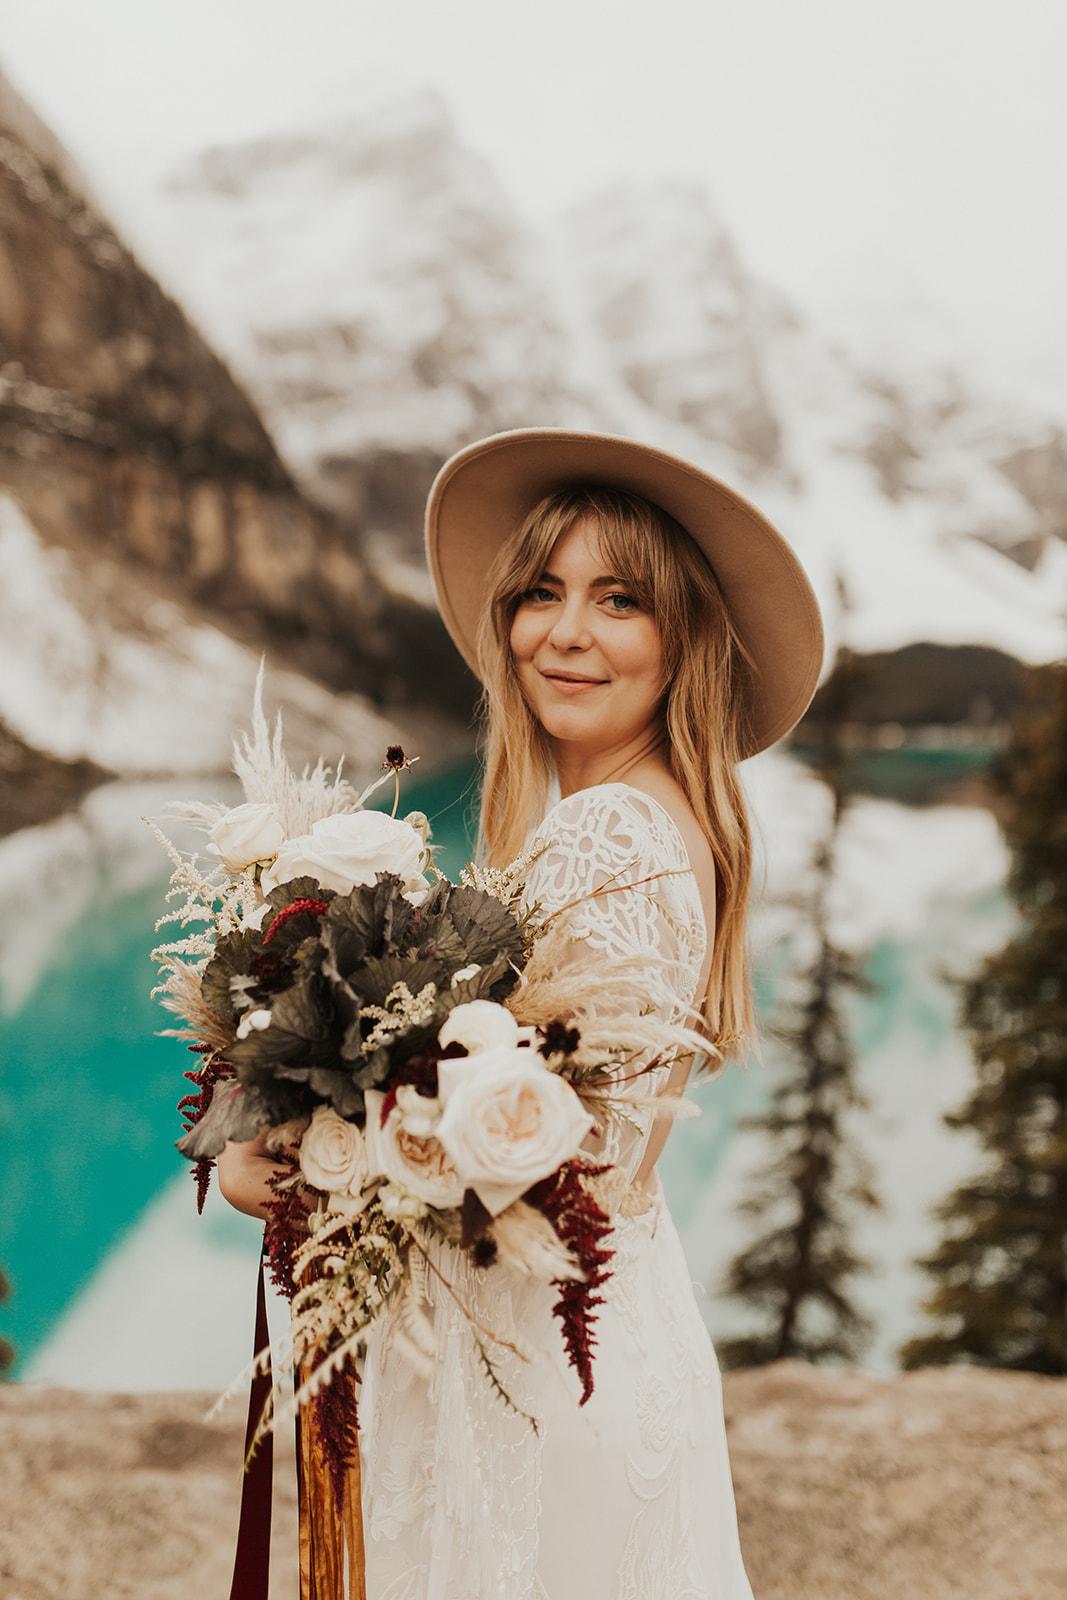 Banff Elopement l Lake Moraine Elopement l Vintage Bolo Tie l Pampas Grass Boho Boquet l Rue Design Wedding Dress l Banff Wedding Photographer l Destination Wedding Photographer l Katy Rose Photo_-106.jpg